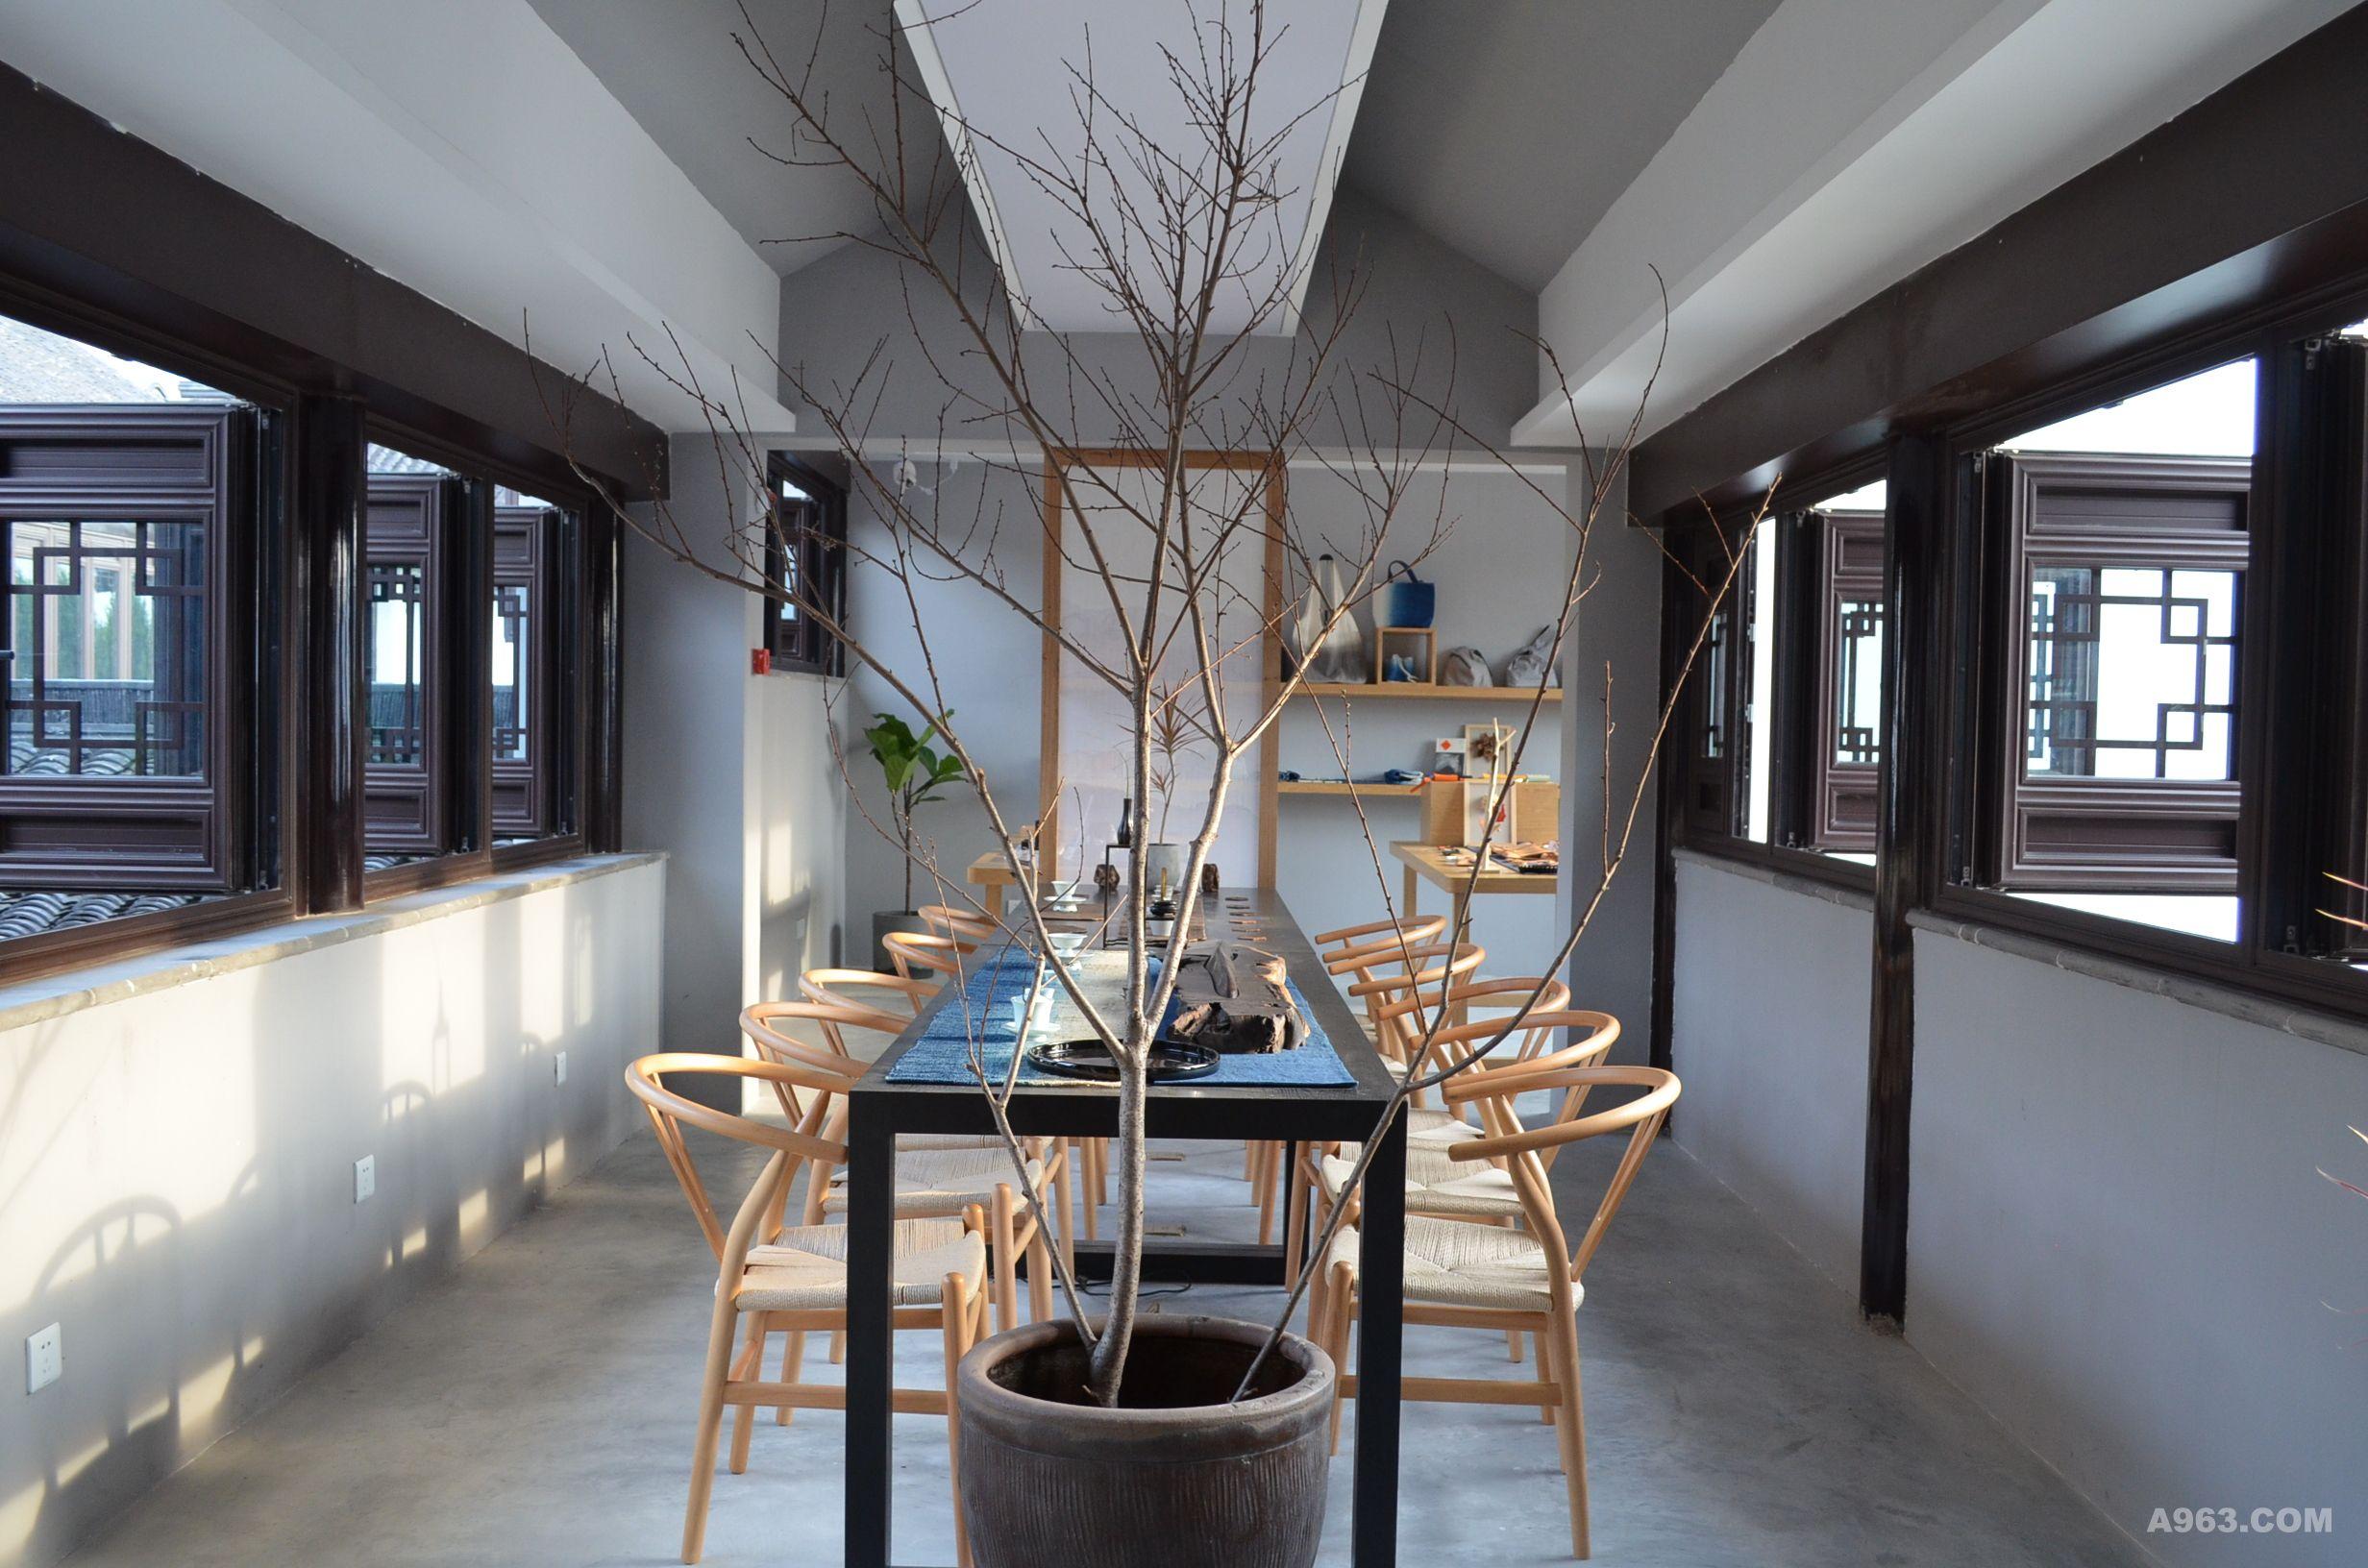 中国旗袍小镇-不厌生活馆 - 商业空间 - 第5页 - 设计